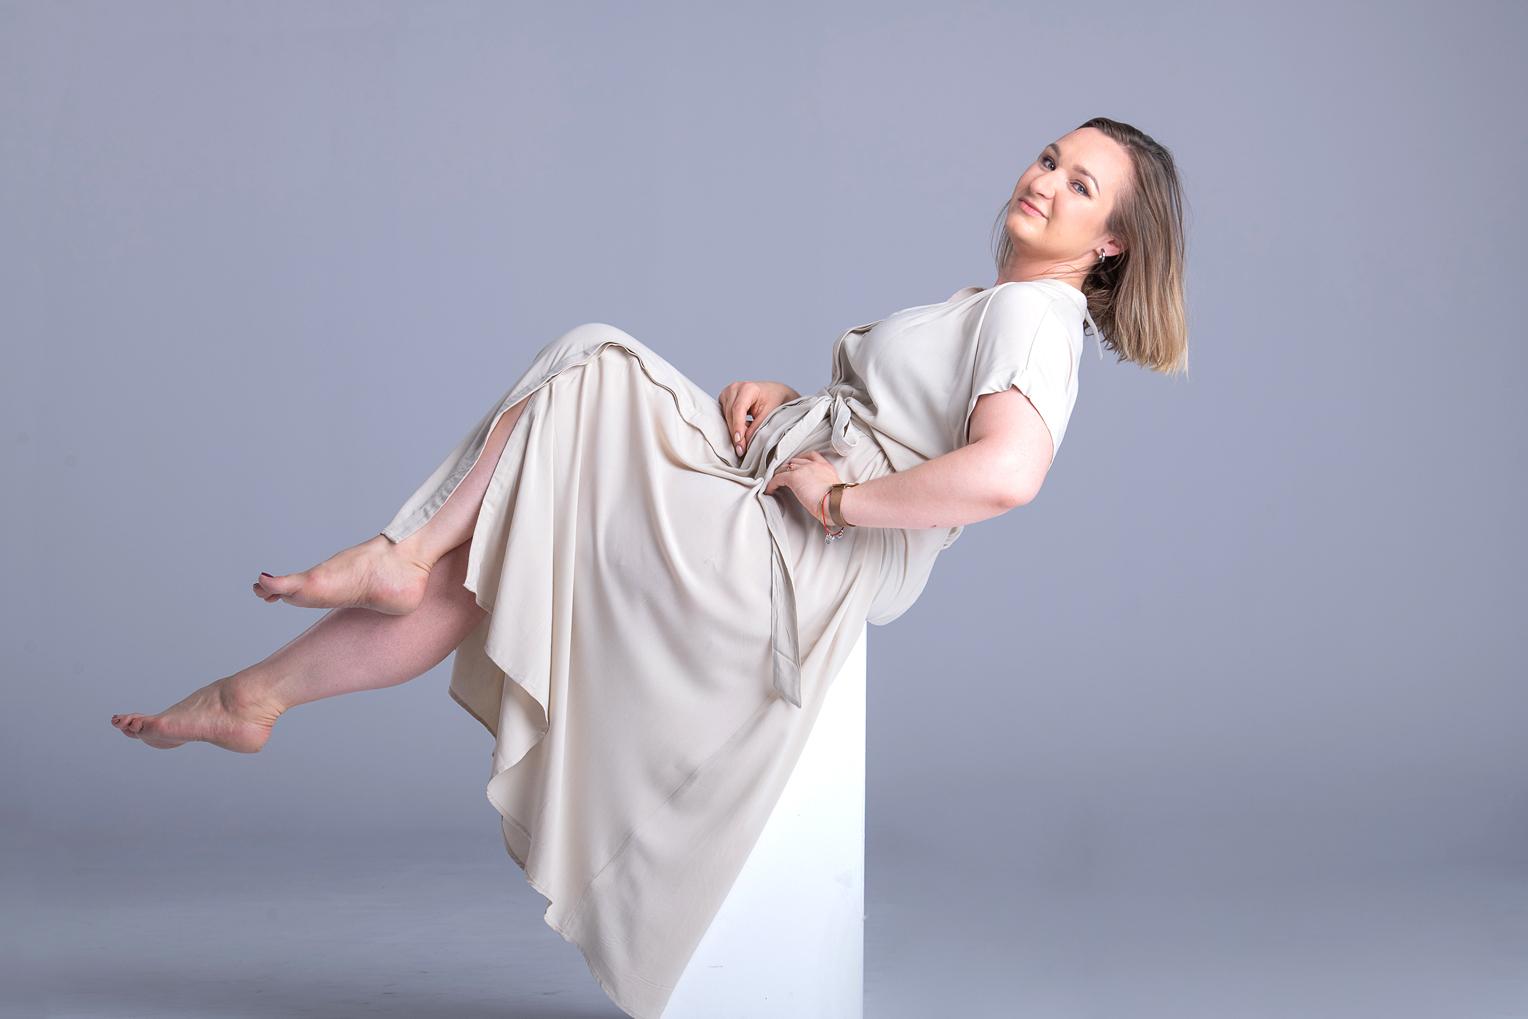 Kobieta wzwiewnej sukience siedzi napostumencie, zzałożonymi nogami. Delikatnie odchyla się dotyłu